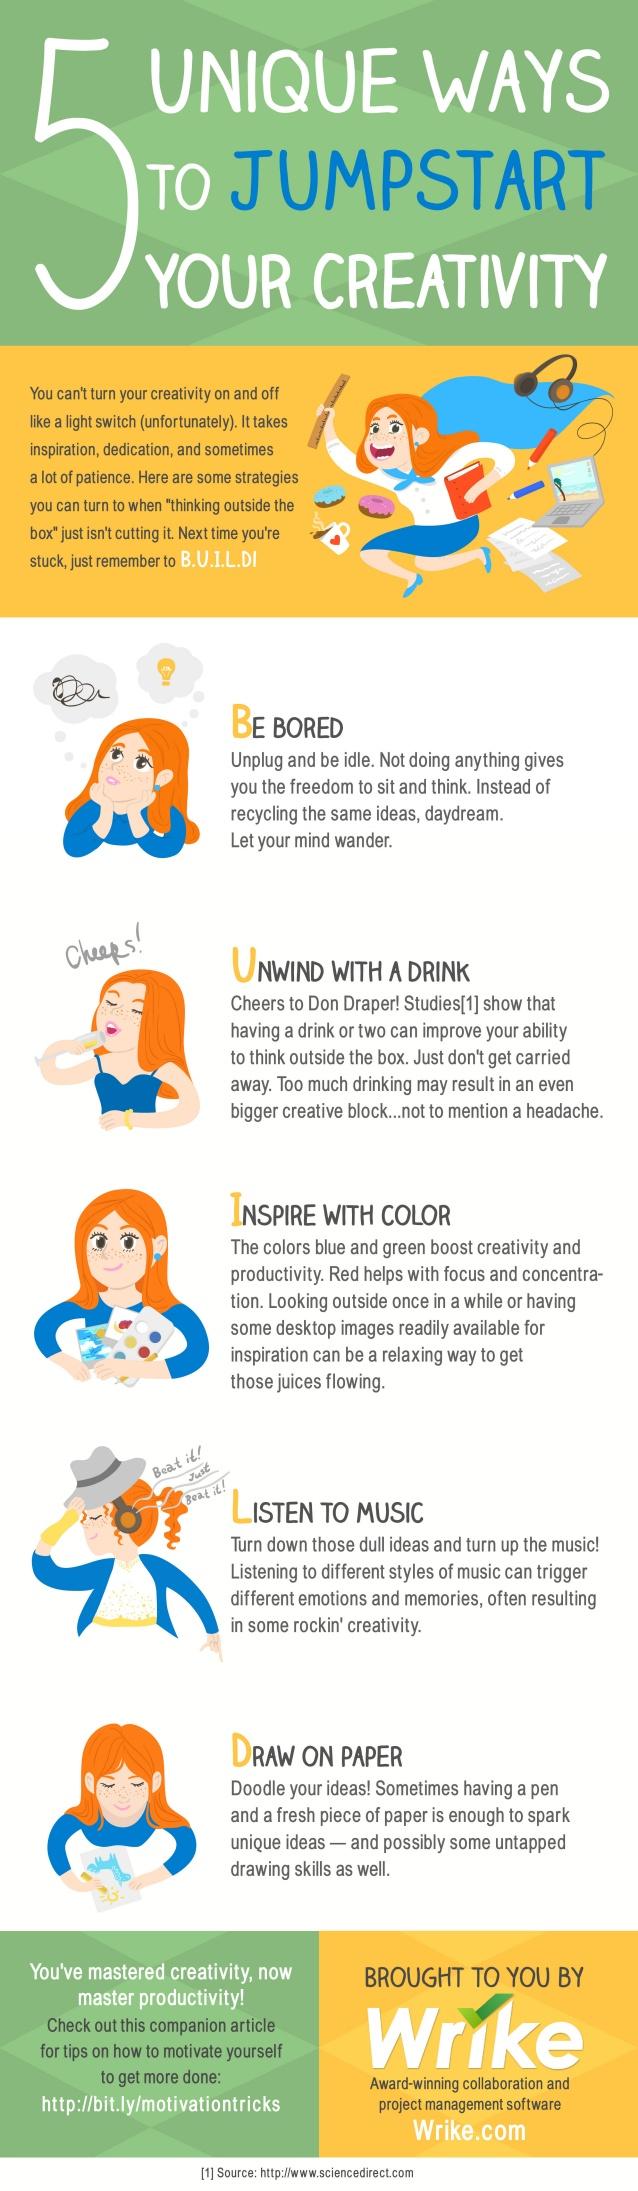 5 maneras de fomentar tu creatividad